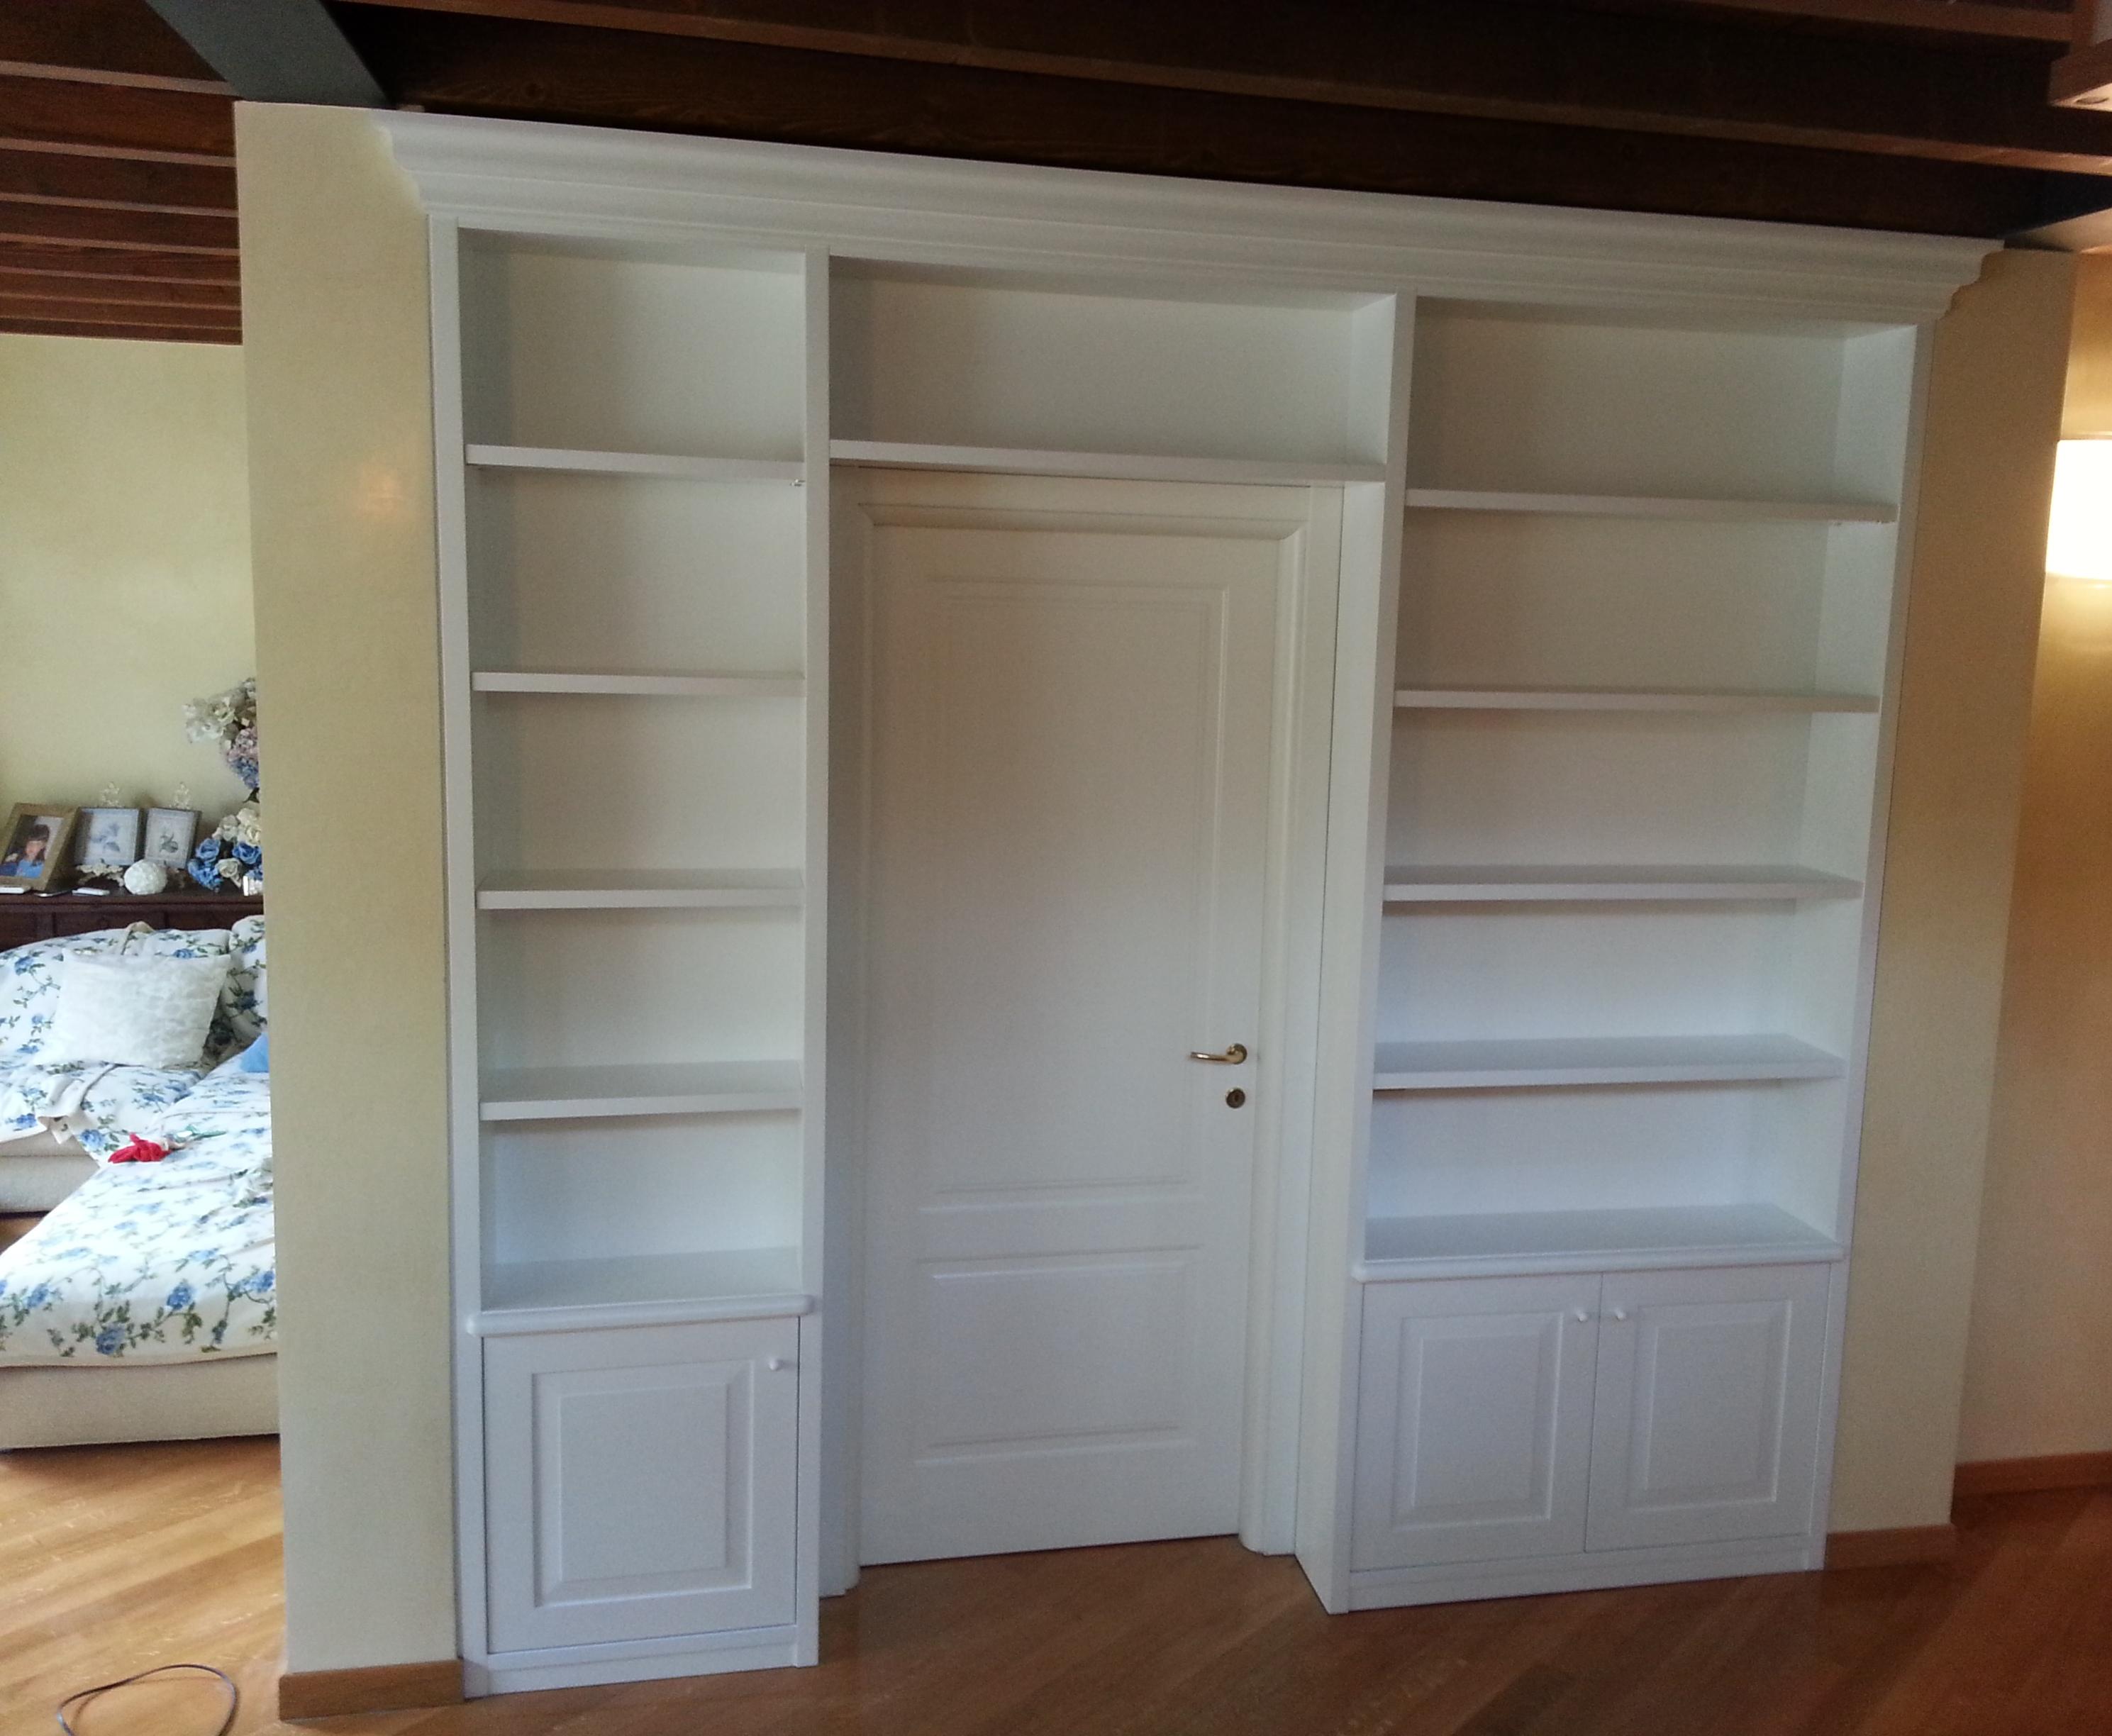 Falegnameria fiaccola dello bs for Libreria divisoria con porta